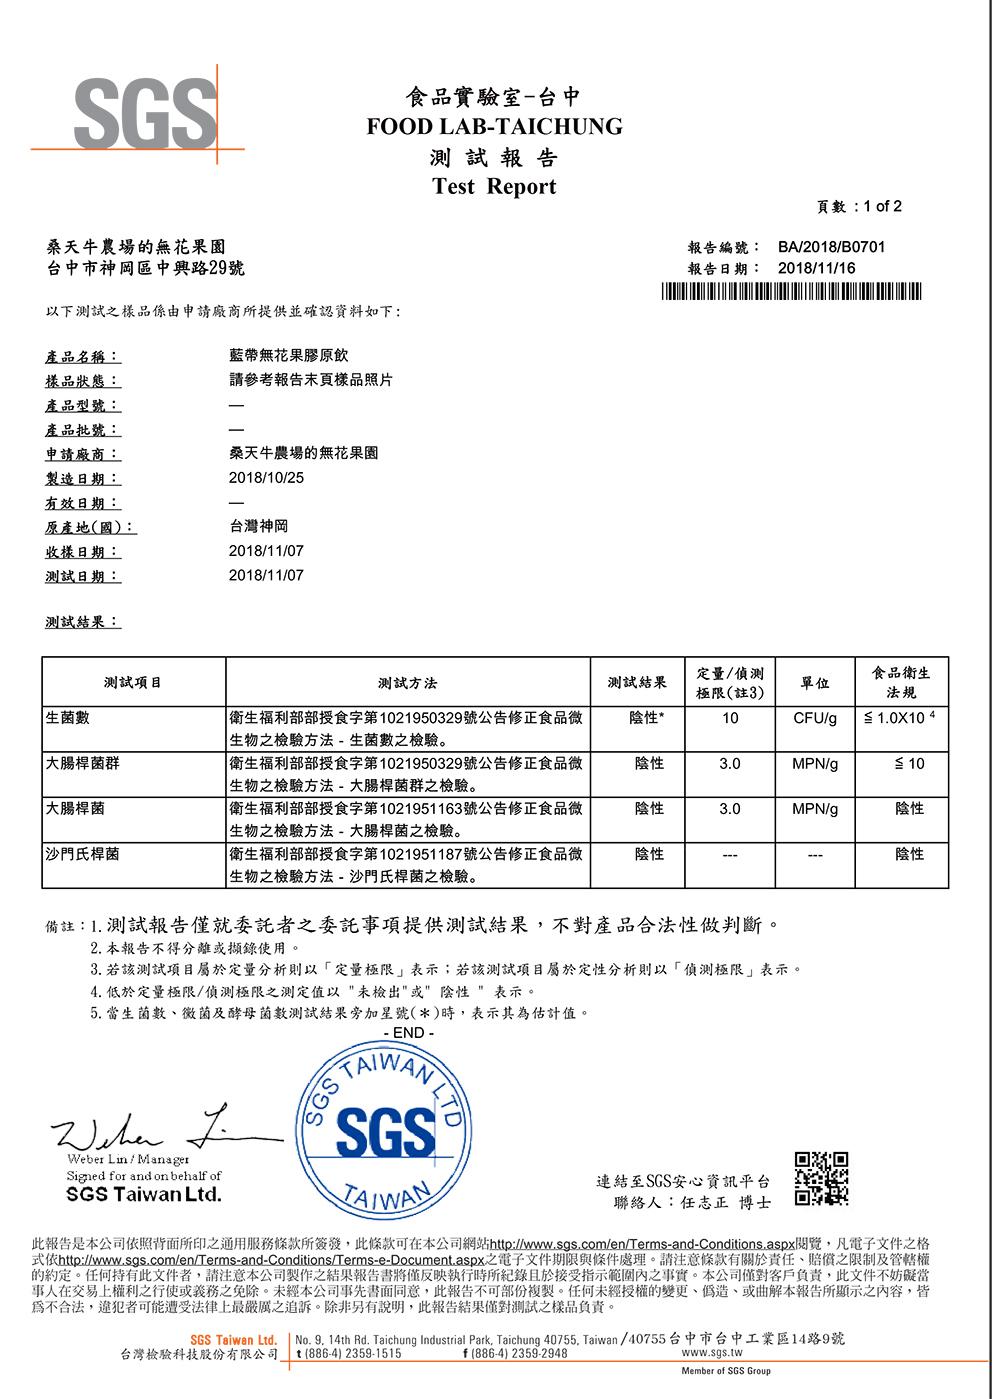 無花果膠原飲SGS無菌測試報告